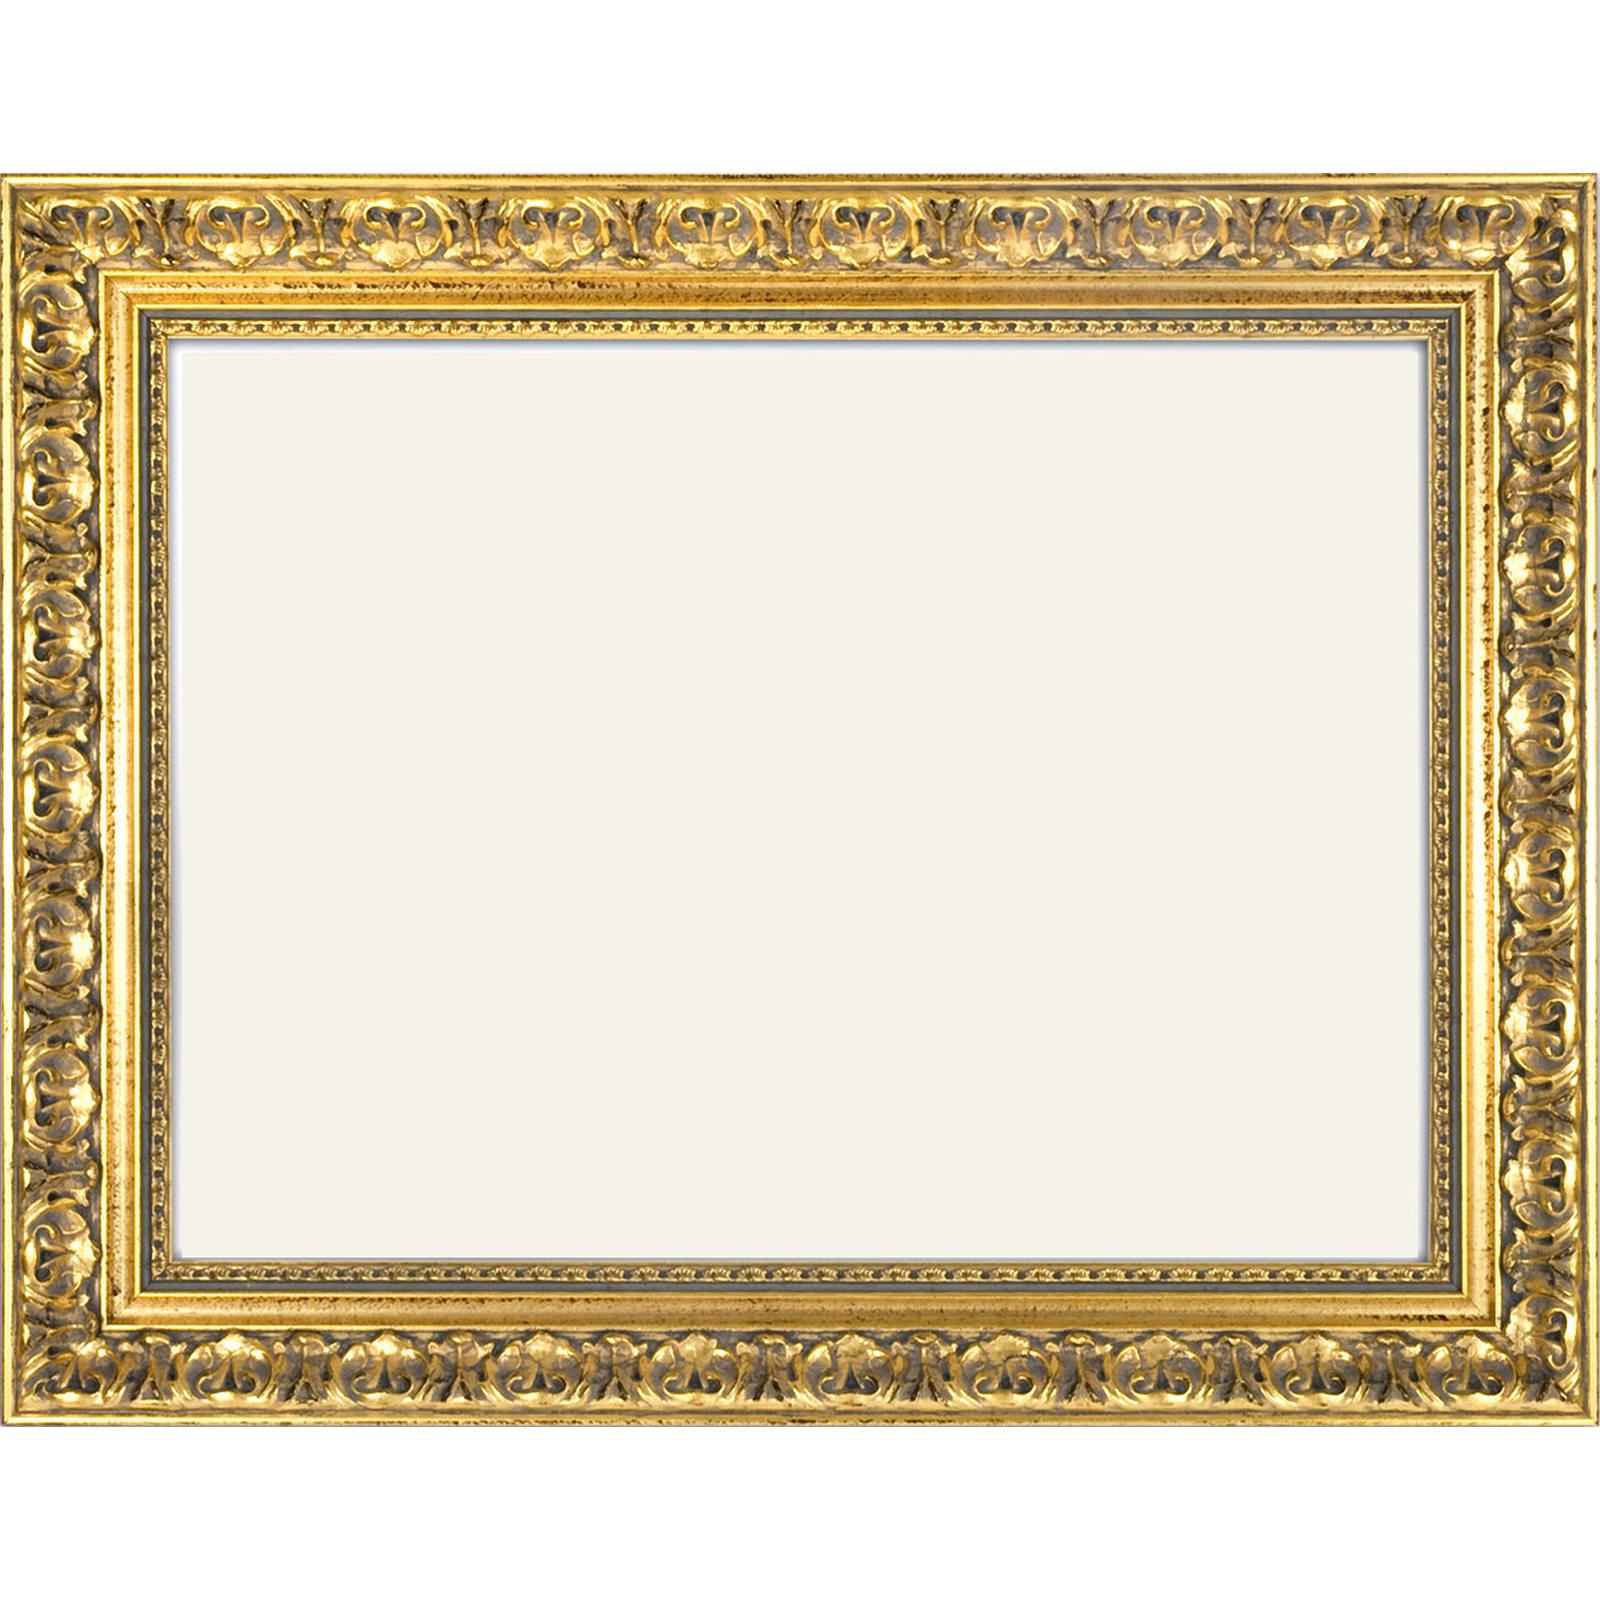 Barockrahmen 972 ORO, gold verziert, ohne Glas und Rückwand ...